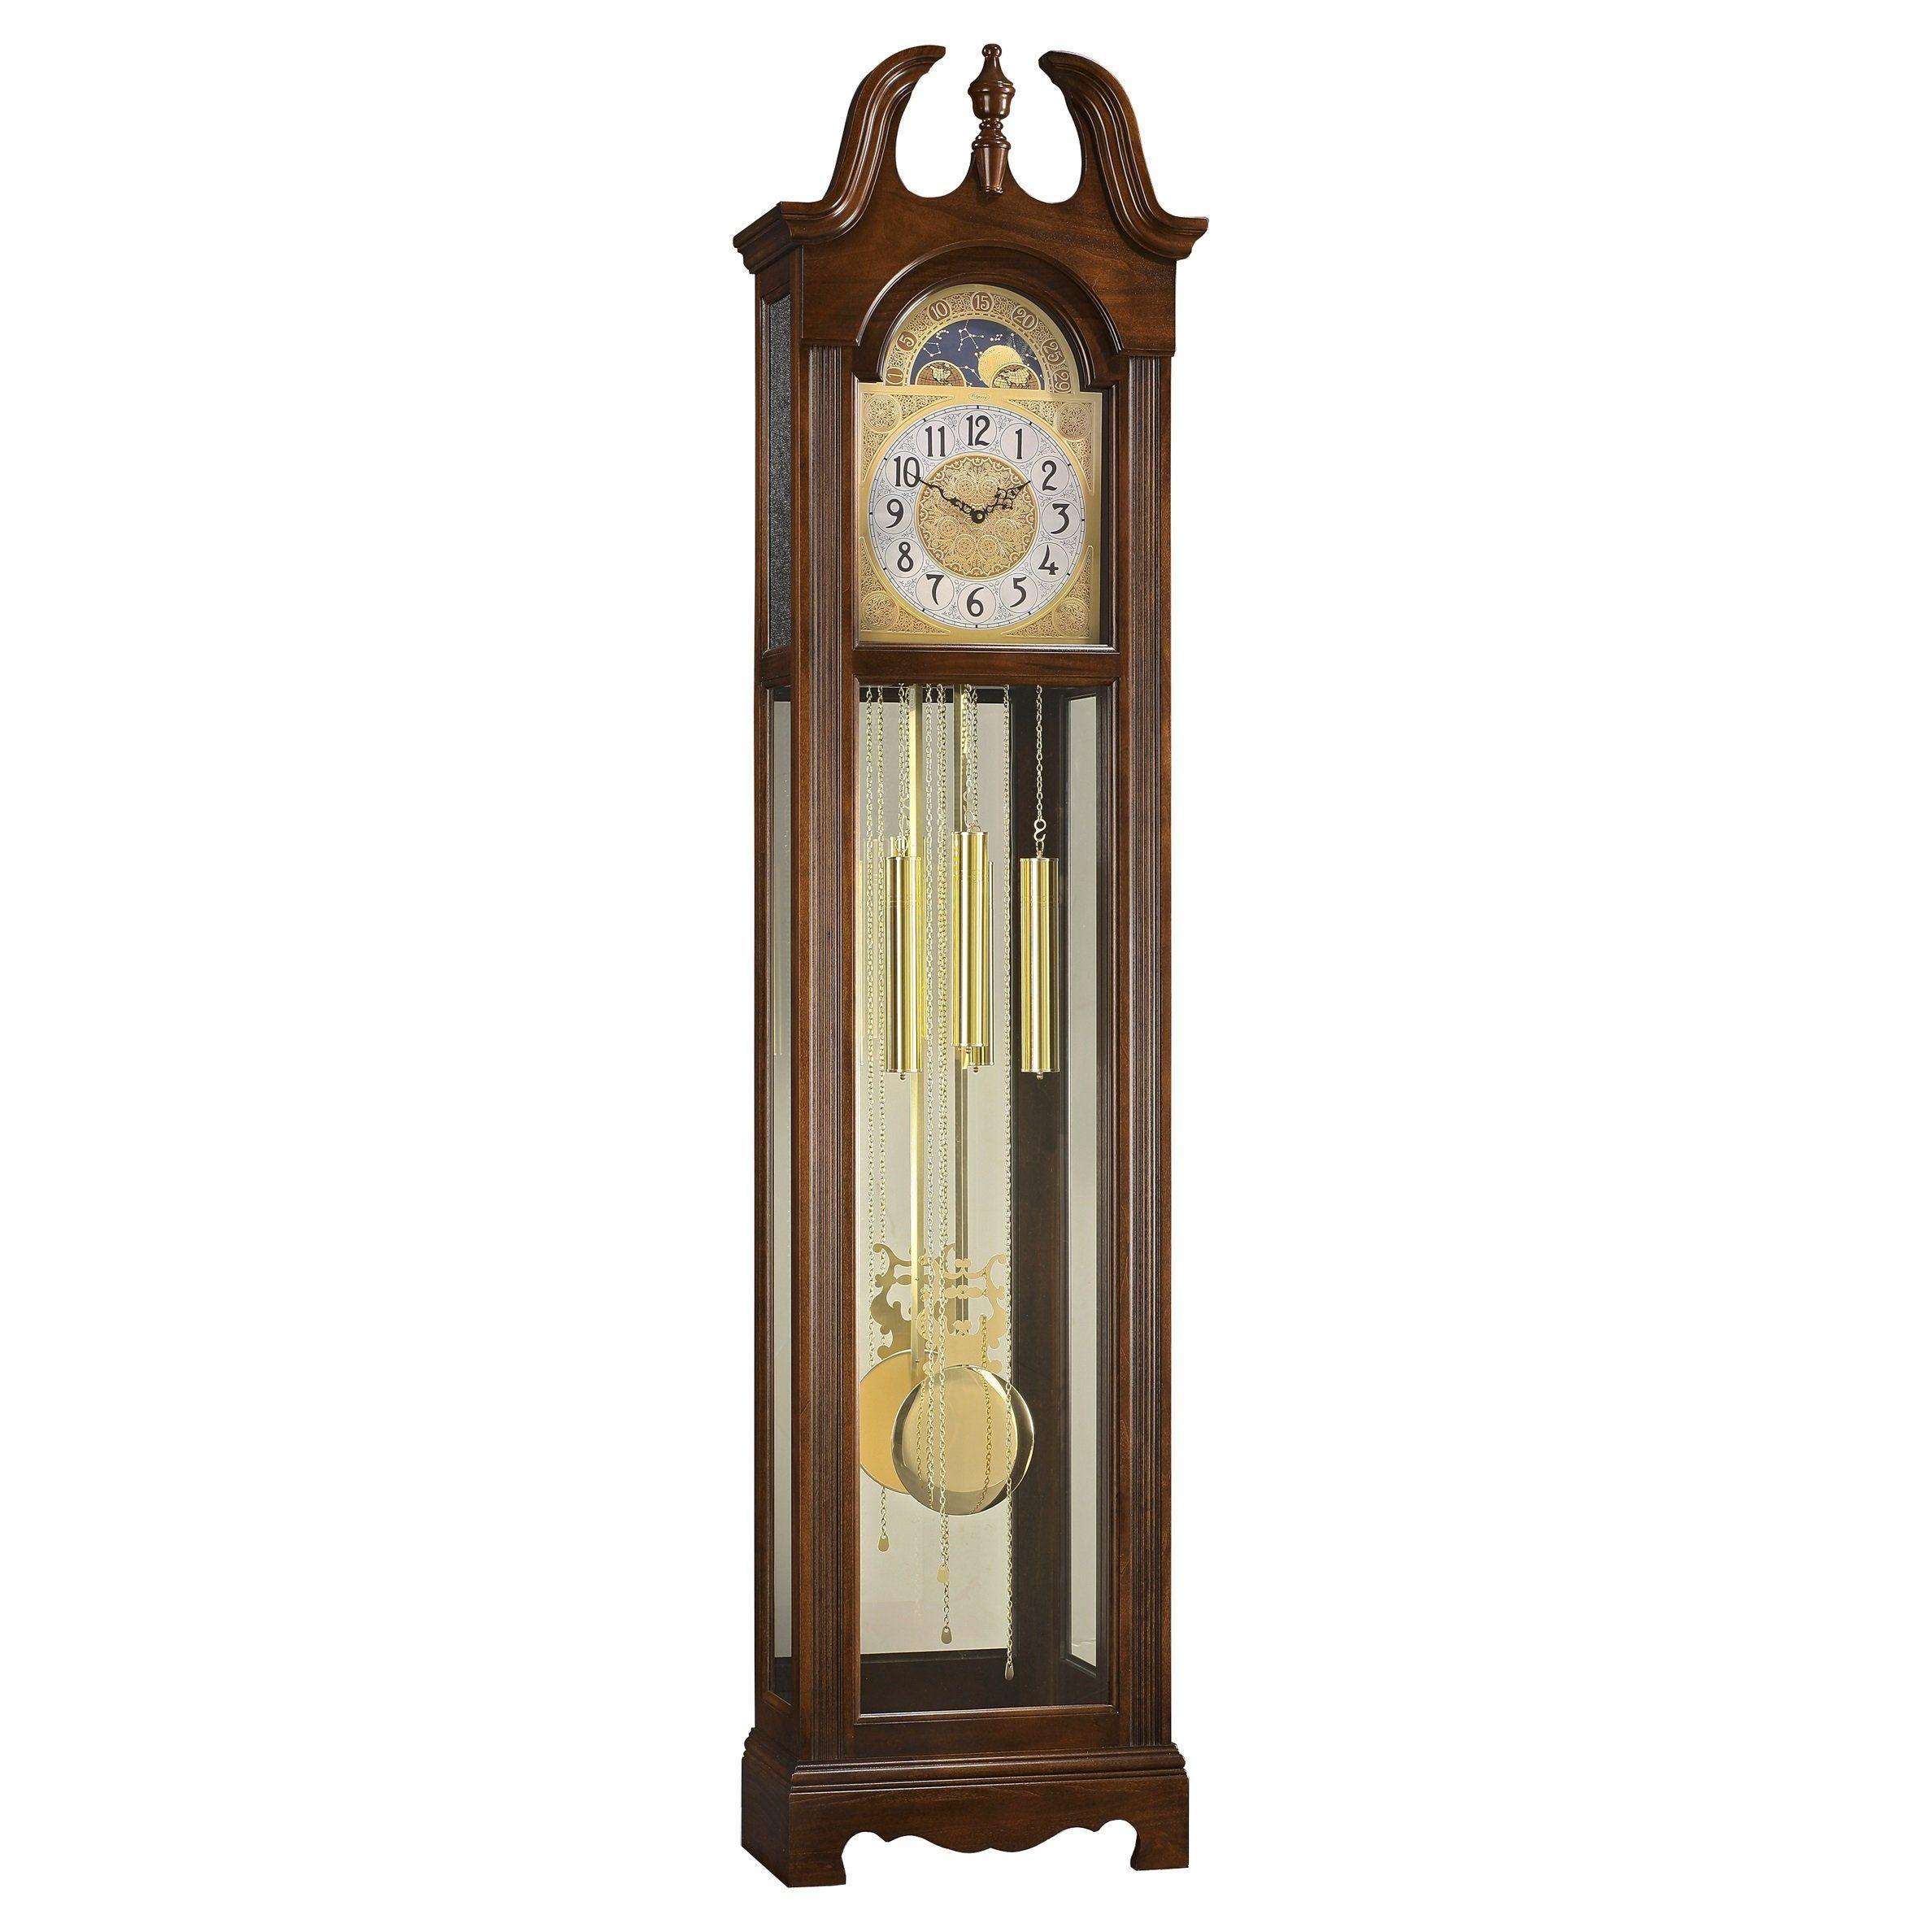 Ridgeway Harper Floor Clock 2552 Grandfather clock